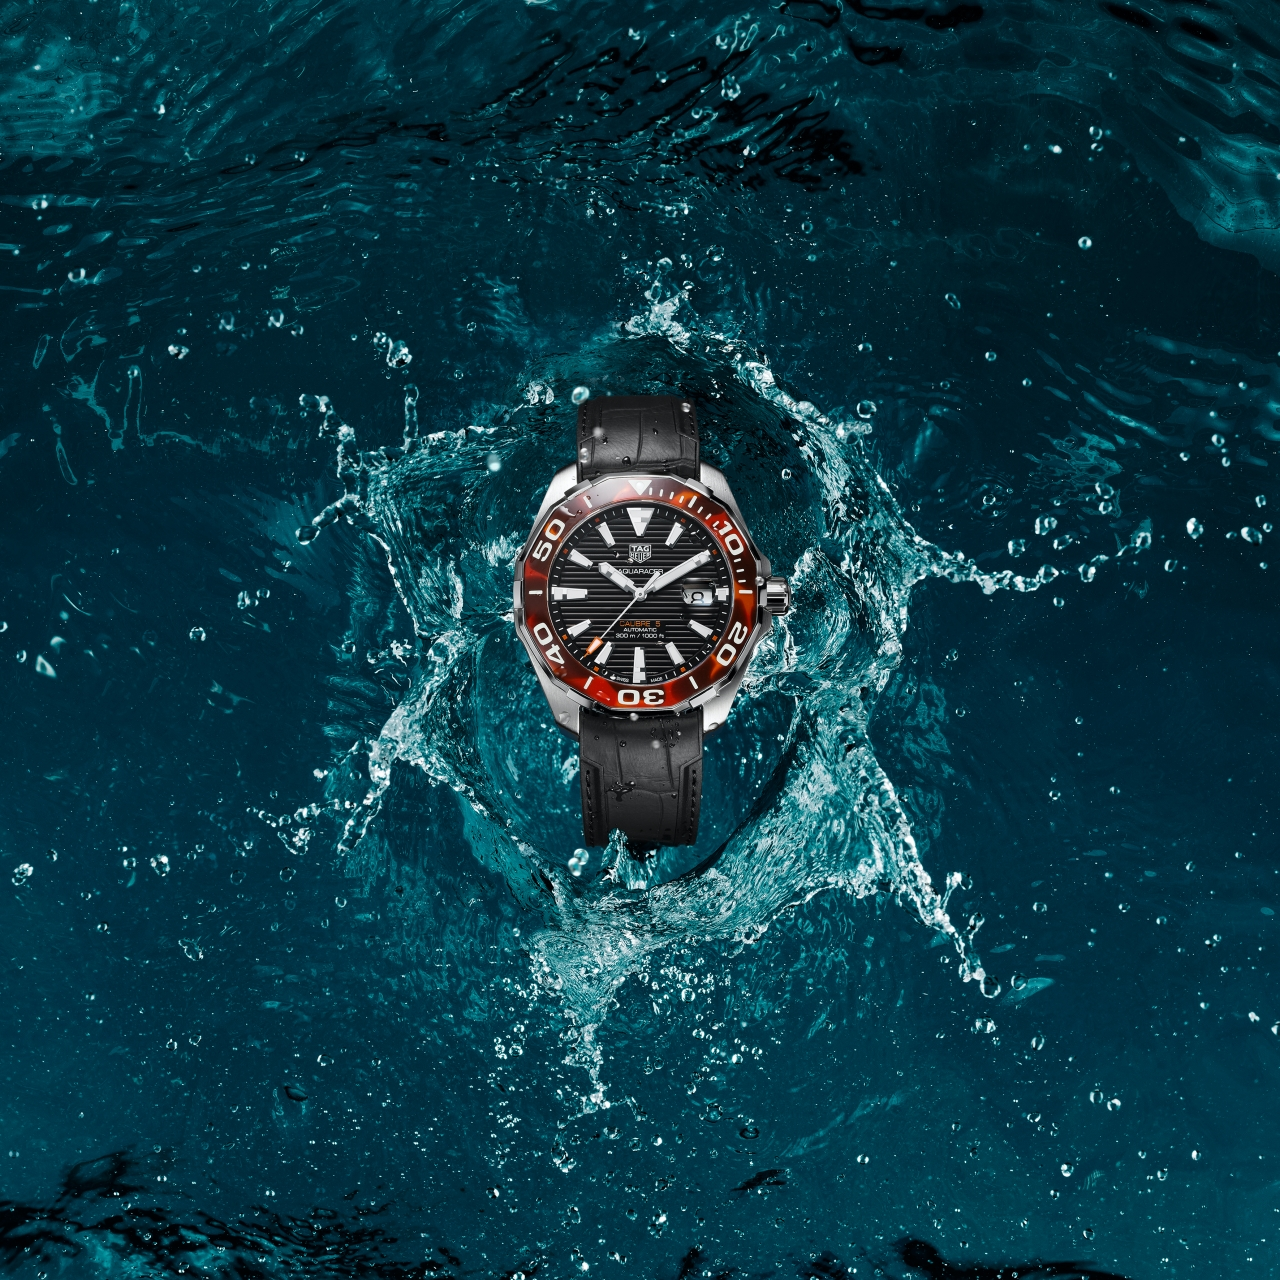 WATCH THIS|海的力量,突破傳統的3只泰格豪雅腕錶